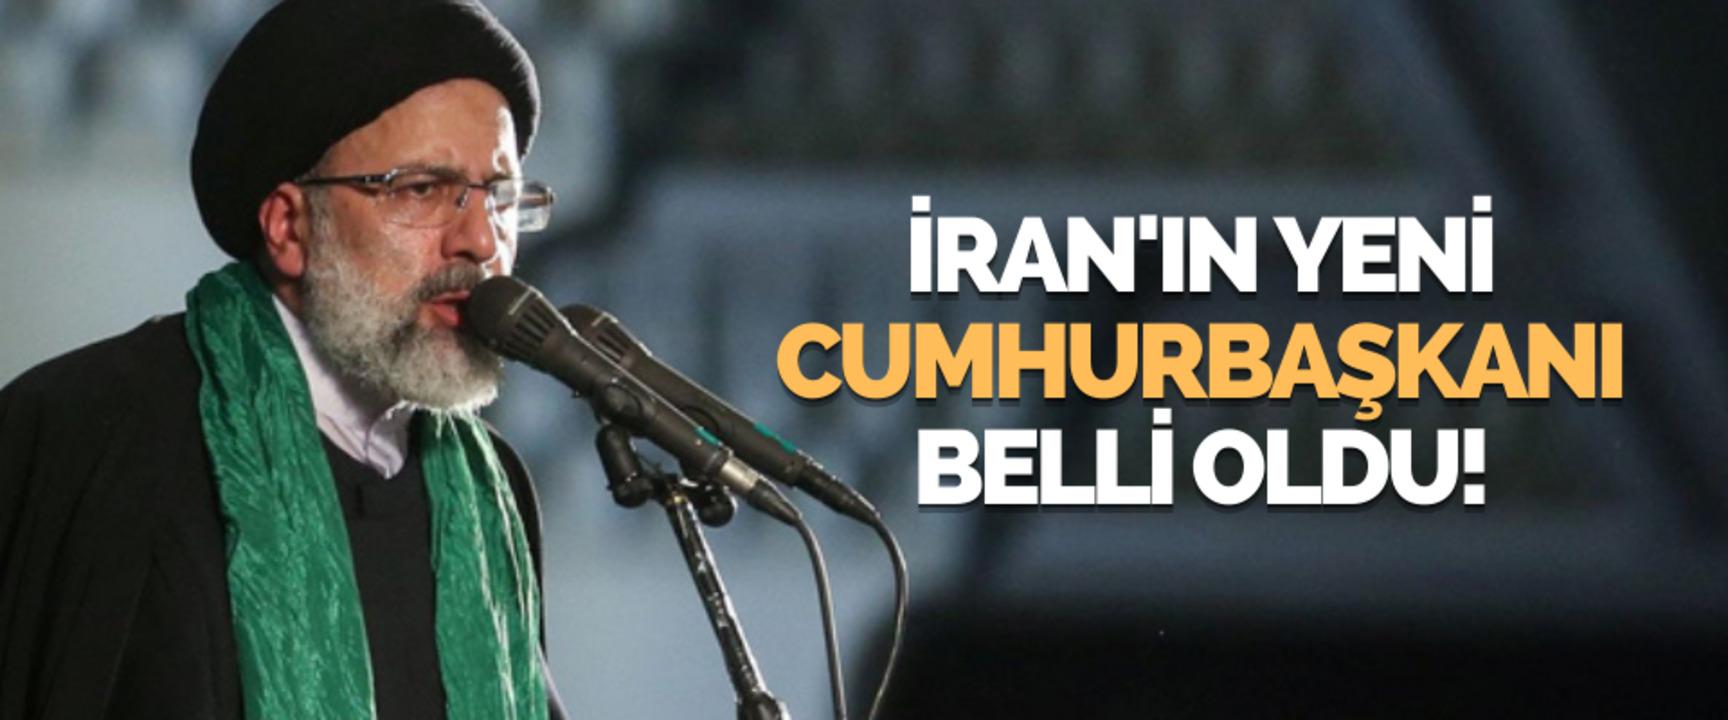 İran'da yeni cumhurbaşkanı İbrahim Reisi oldu